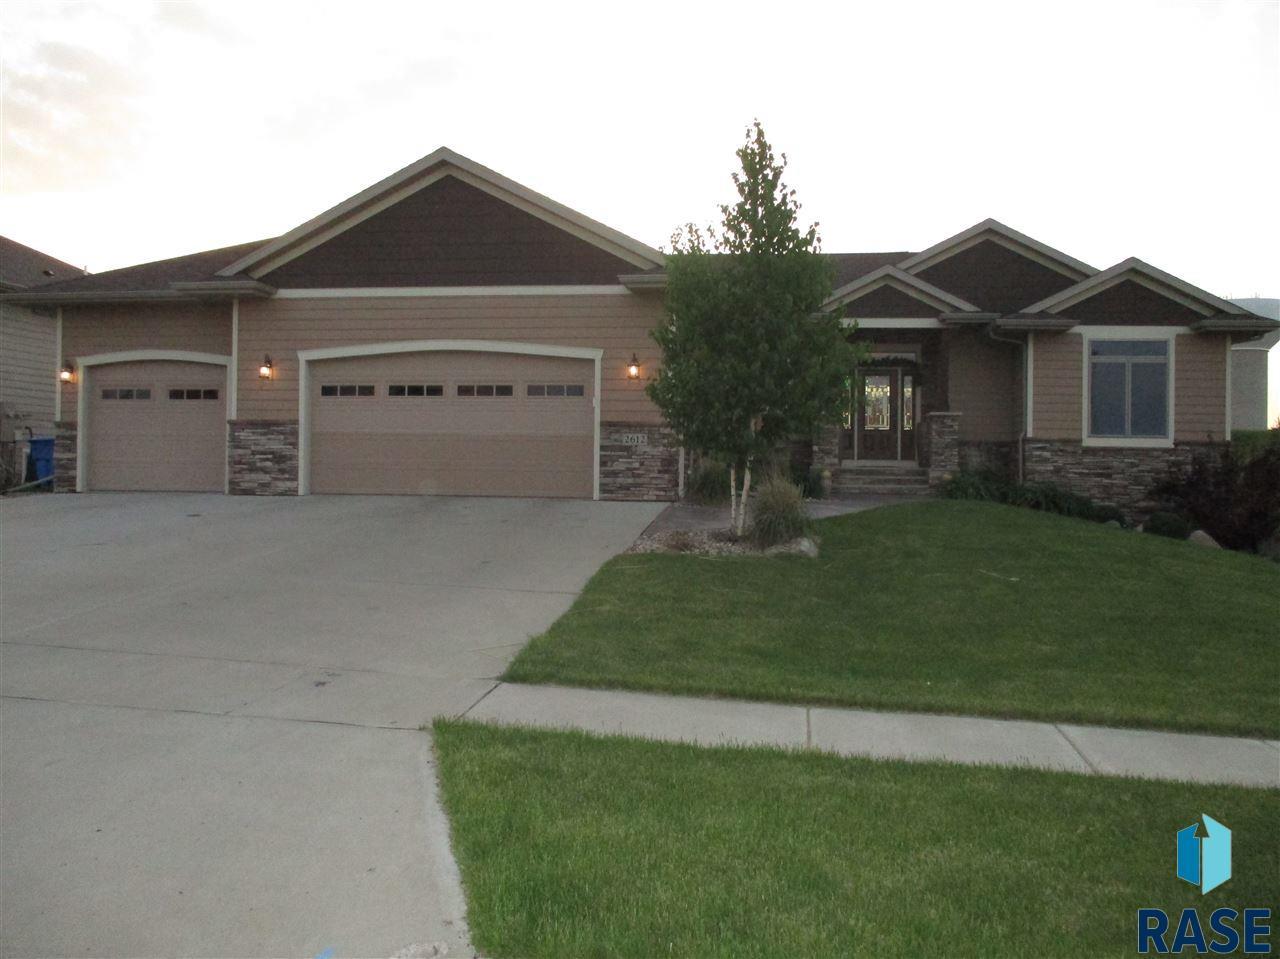 2612 W 90th St, Sioux Falls, SD 57108